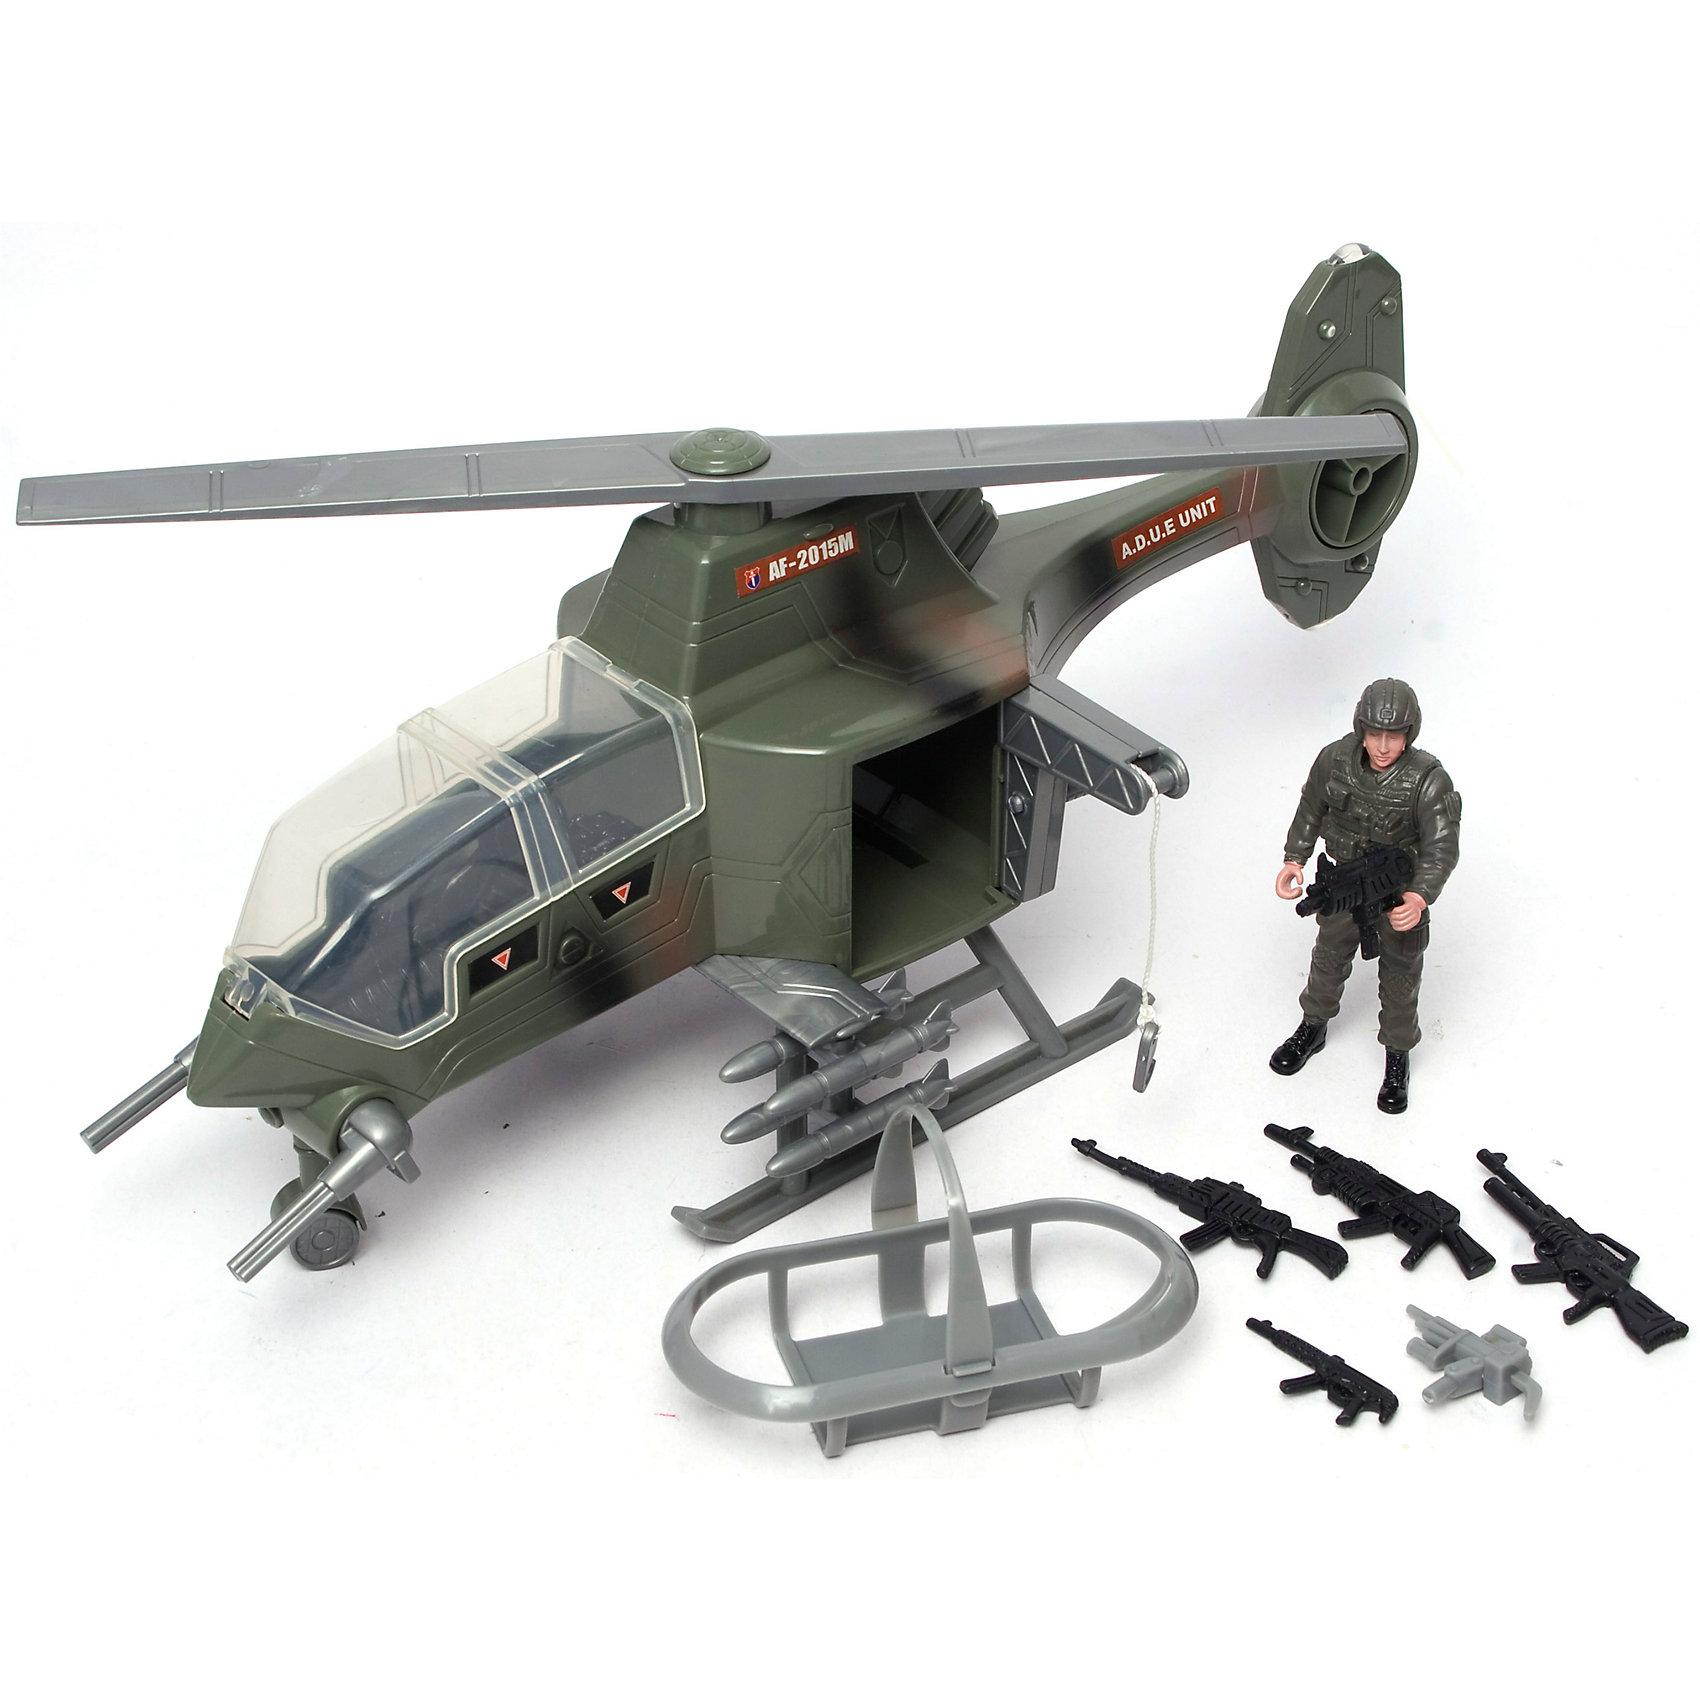 Игровой набор Военные, BoleyВоенный транспорт<br>Игровой набор Военные, Boley (Болей).<br><br>Характеристики:<br><br>• Вес: 870 г.<br>• Размер упаковки: 39х14х20 см.<br>• В комплекте: вертолет, фигурка солдата, аксессуары, оружие.<br><br>Игровой набор «Военные» от бренда Boley (Болей) - станет отличным подарком для каждого мальчика к любому празднику! С ним ребенок сможет затеять увлекательную сюжетно-ролевую игру на военную тематику. В комплекте: военный вертолет, с реалистично проработанными деталями, фигурка солдата, оружие и аксессуары. Все предметы выполнены из высококачественных, экологически чистых материалов, совершенно безопасных для ребенка. Игрушка выглядит ярко и очень эффектно!  <br><br>Игровой набор Военные, Boley (Болей), можно купить в нашем интернет- магазине.<br><br>Ширина мм: 400<br>Глубина мм: 210<br>Высота мм: 135<br>Вес г: 833<br>Возраст от месяцев: 48<br>Возраст до месяцев: 2147483647<br>Пол: Мужской<br>Возраст: Детский<br>SKU: 5185758